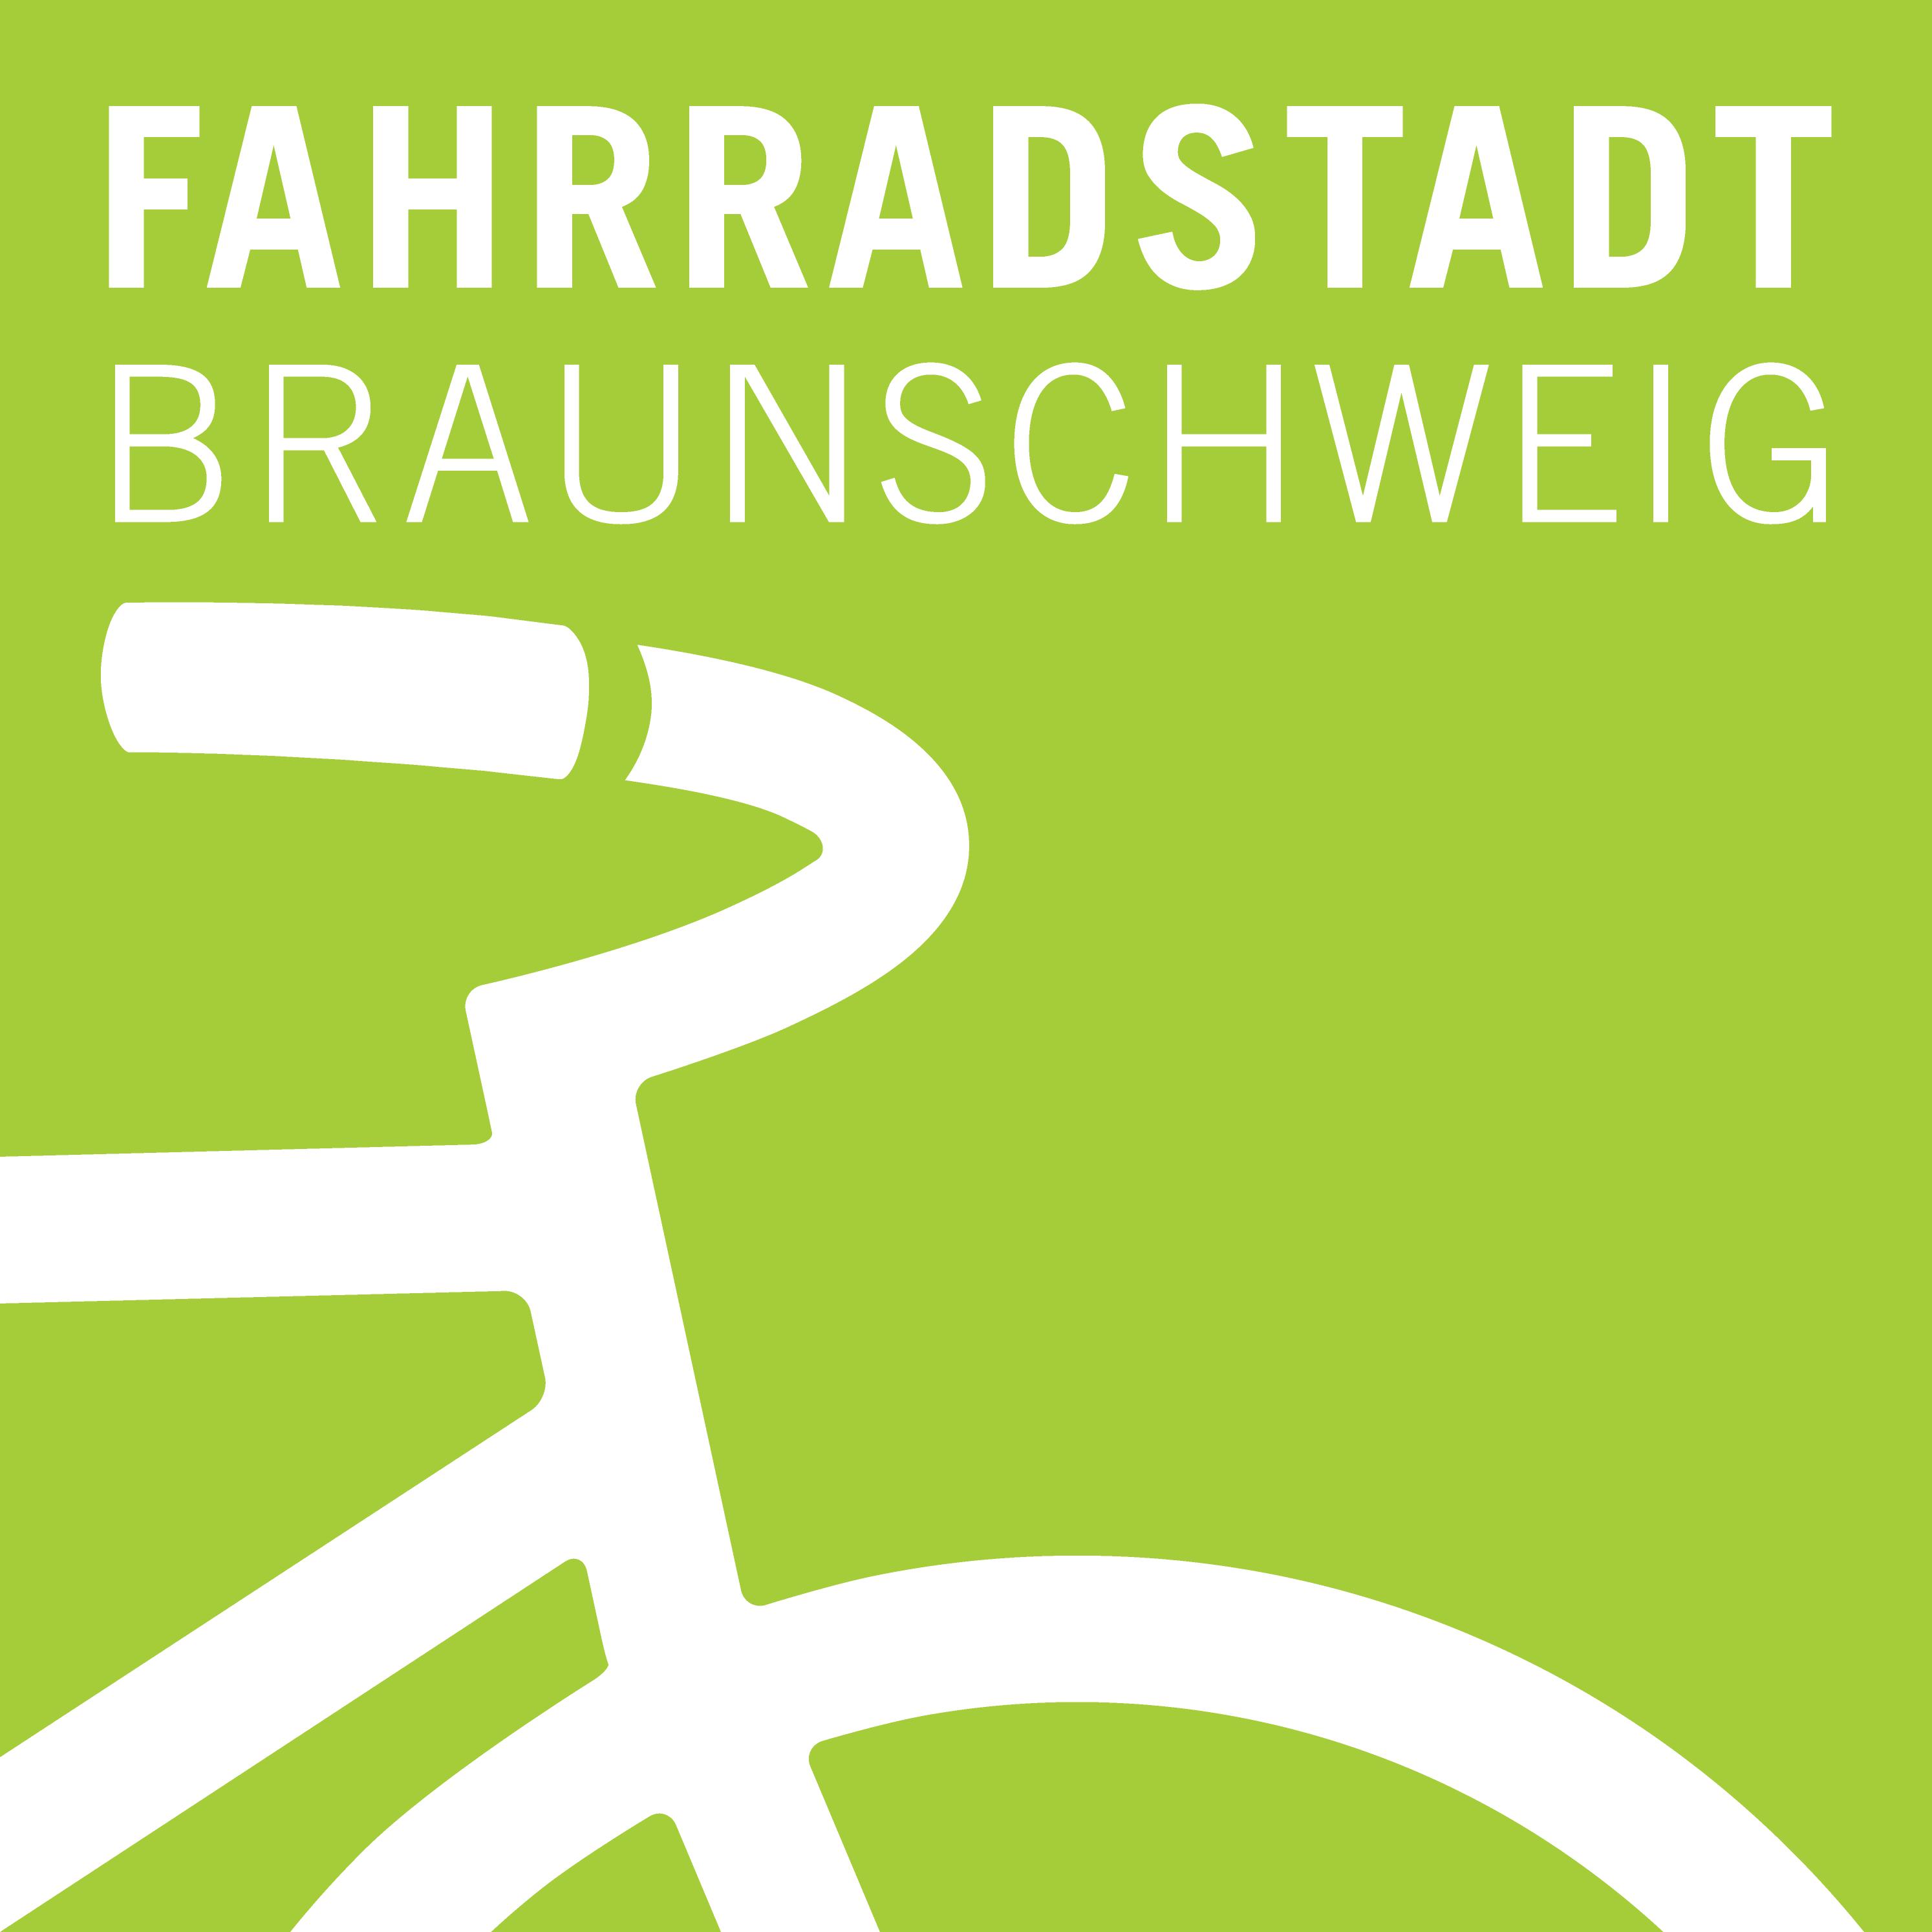 Fahrradstadt Braunschweig